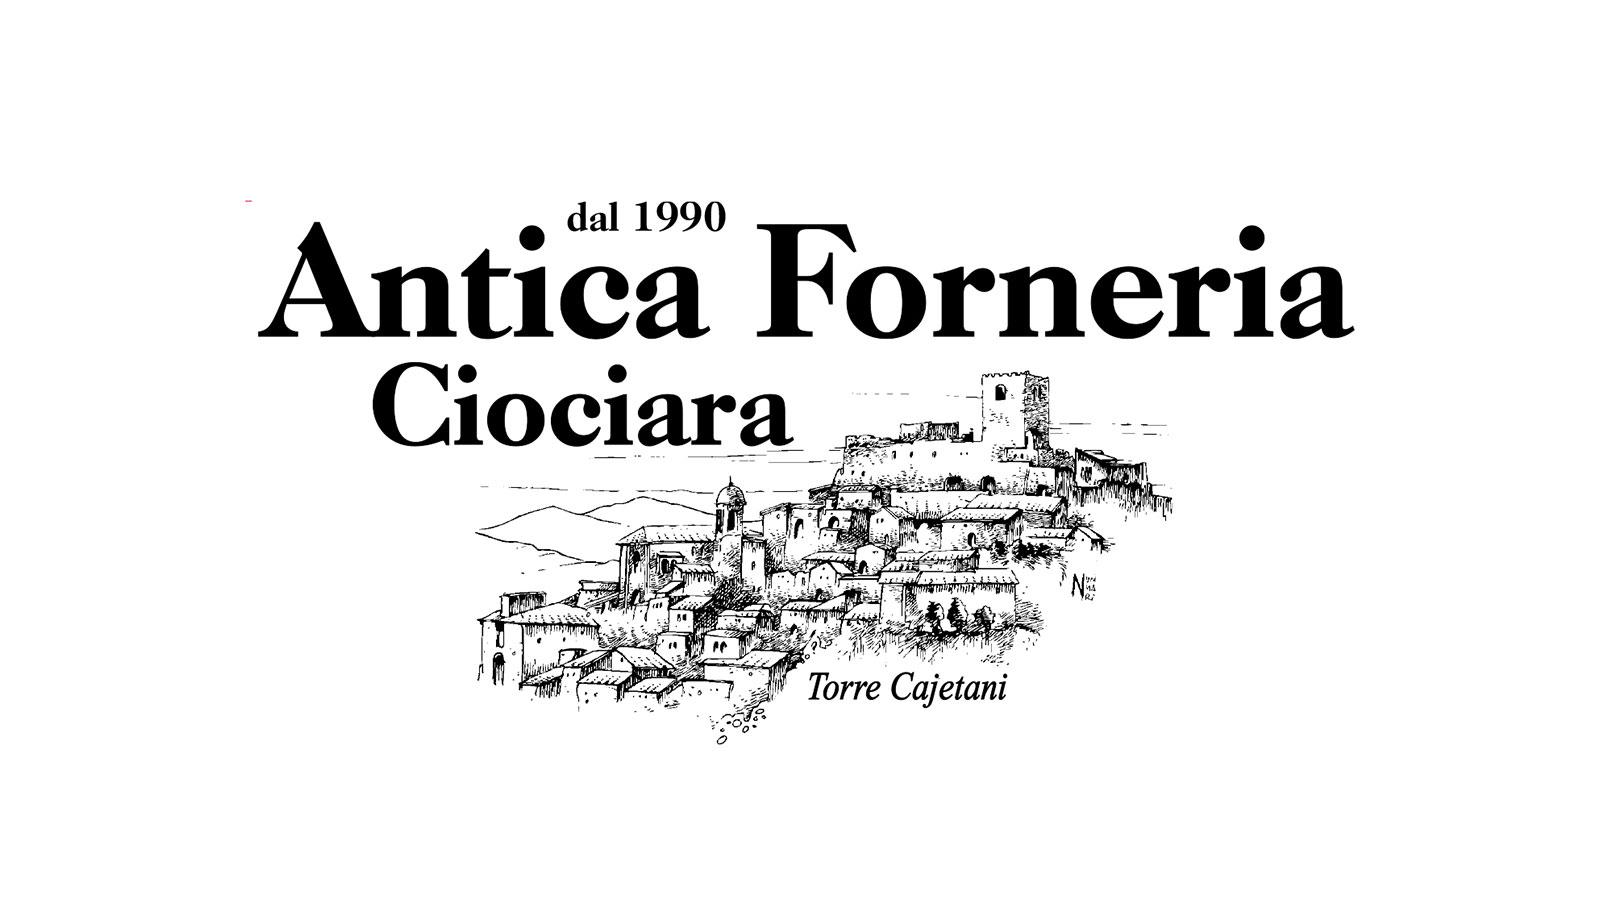 antica-forneria-ciociara